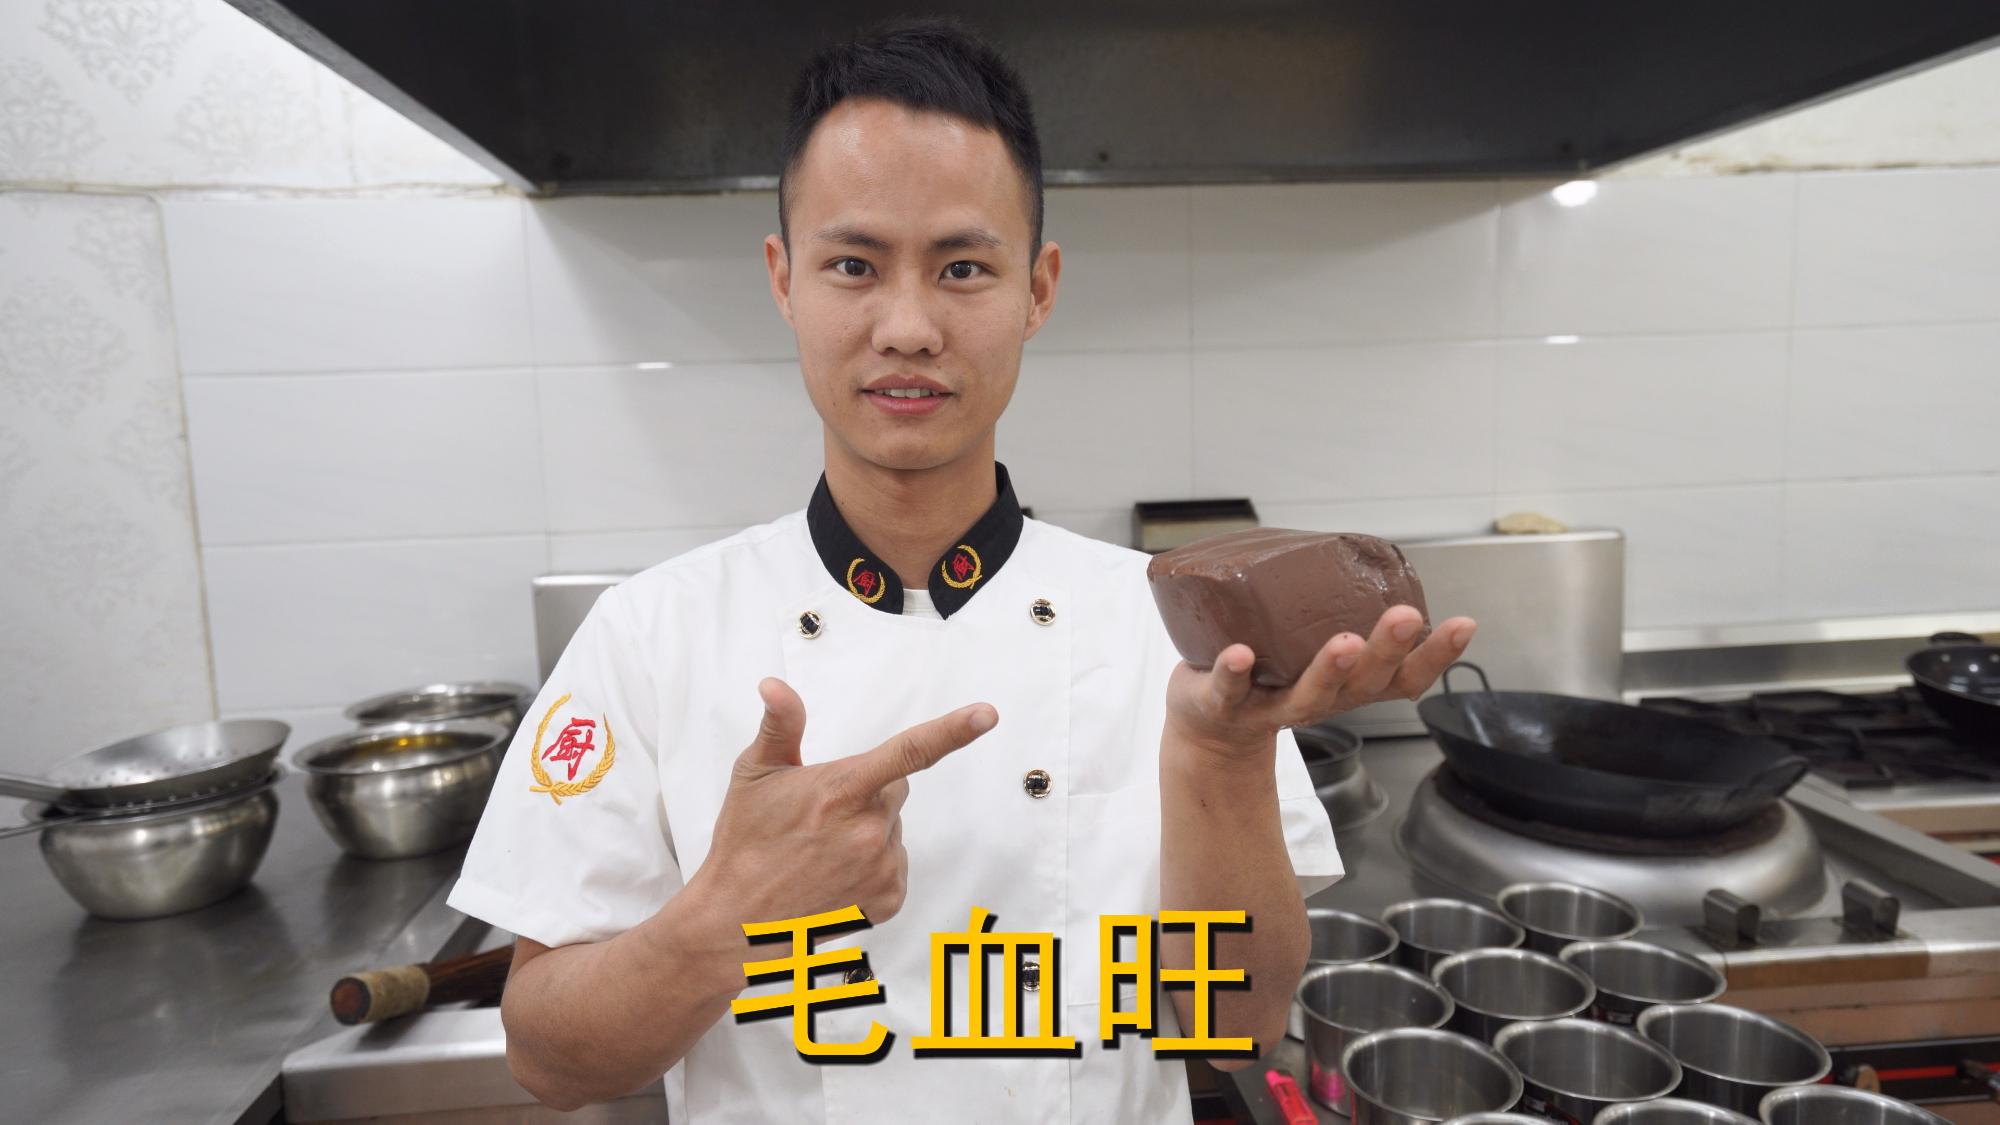 """厨师长教你:""""毛血旺""""的家常做法,味道很棒先收藏起来"""